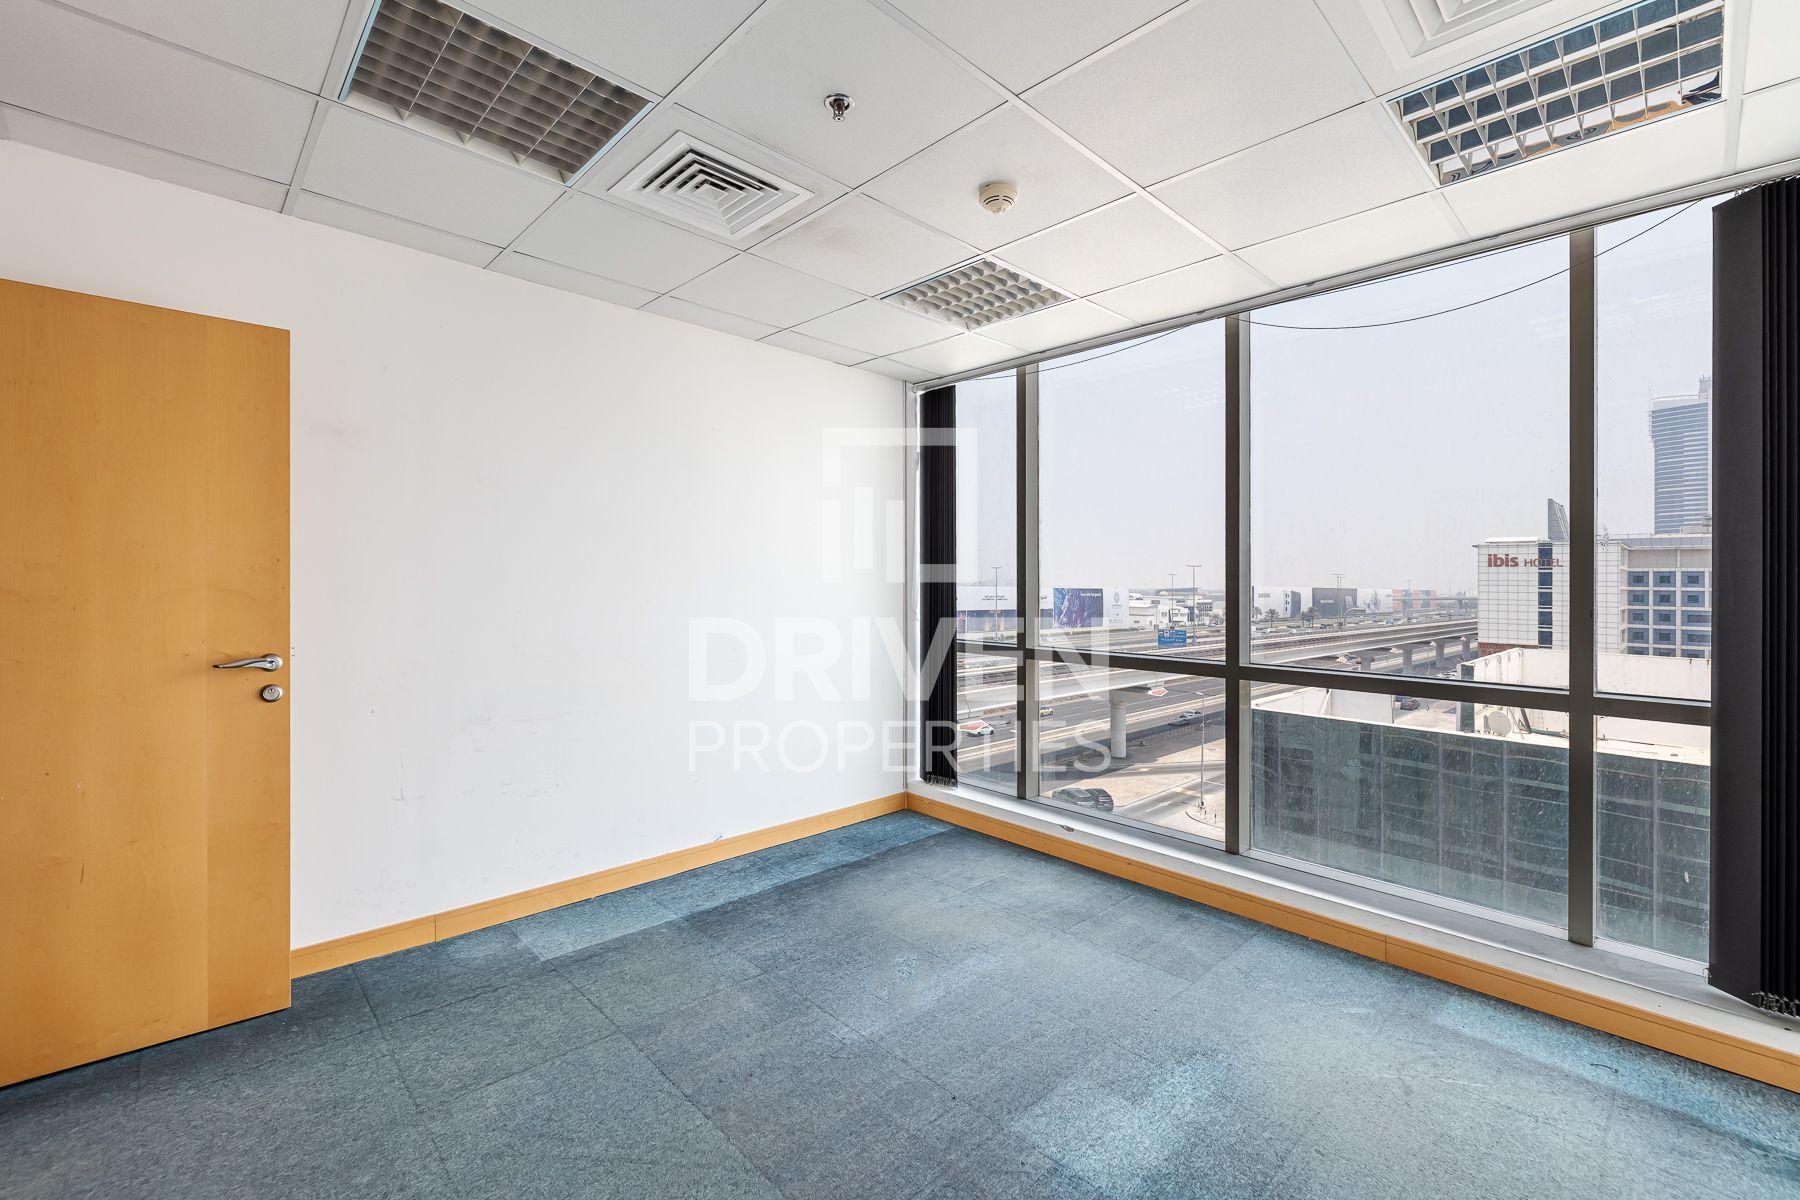 980 قدم مربع  مكتب - للايجار - البرشاء